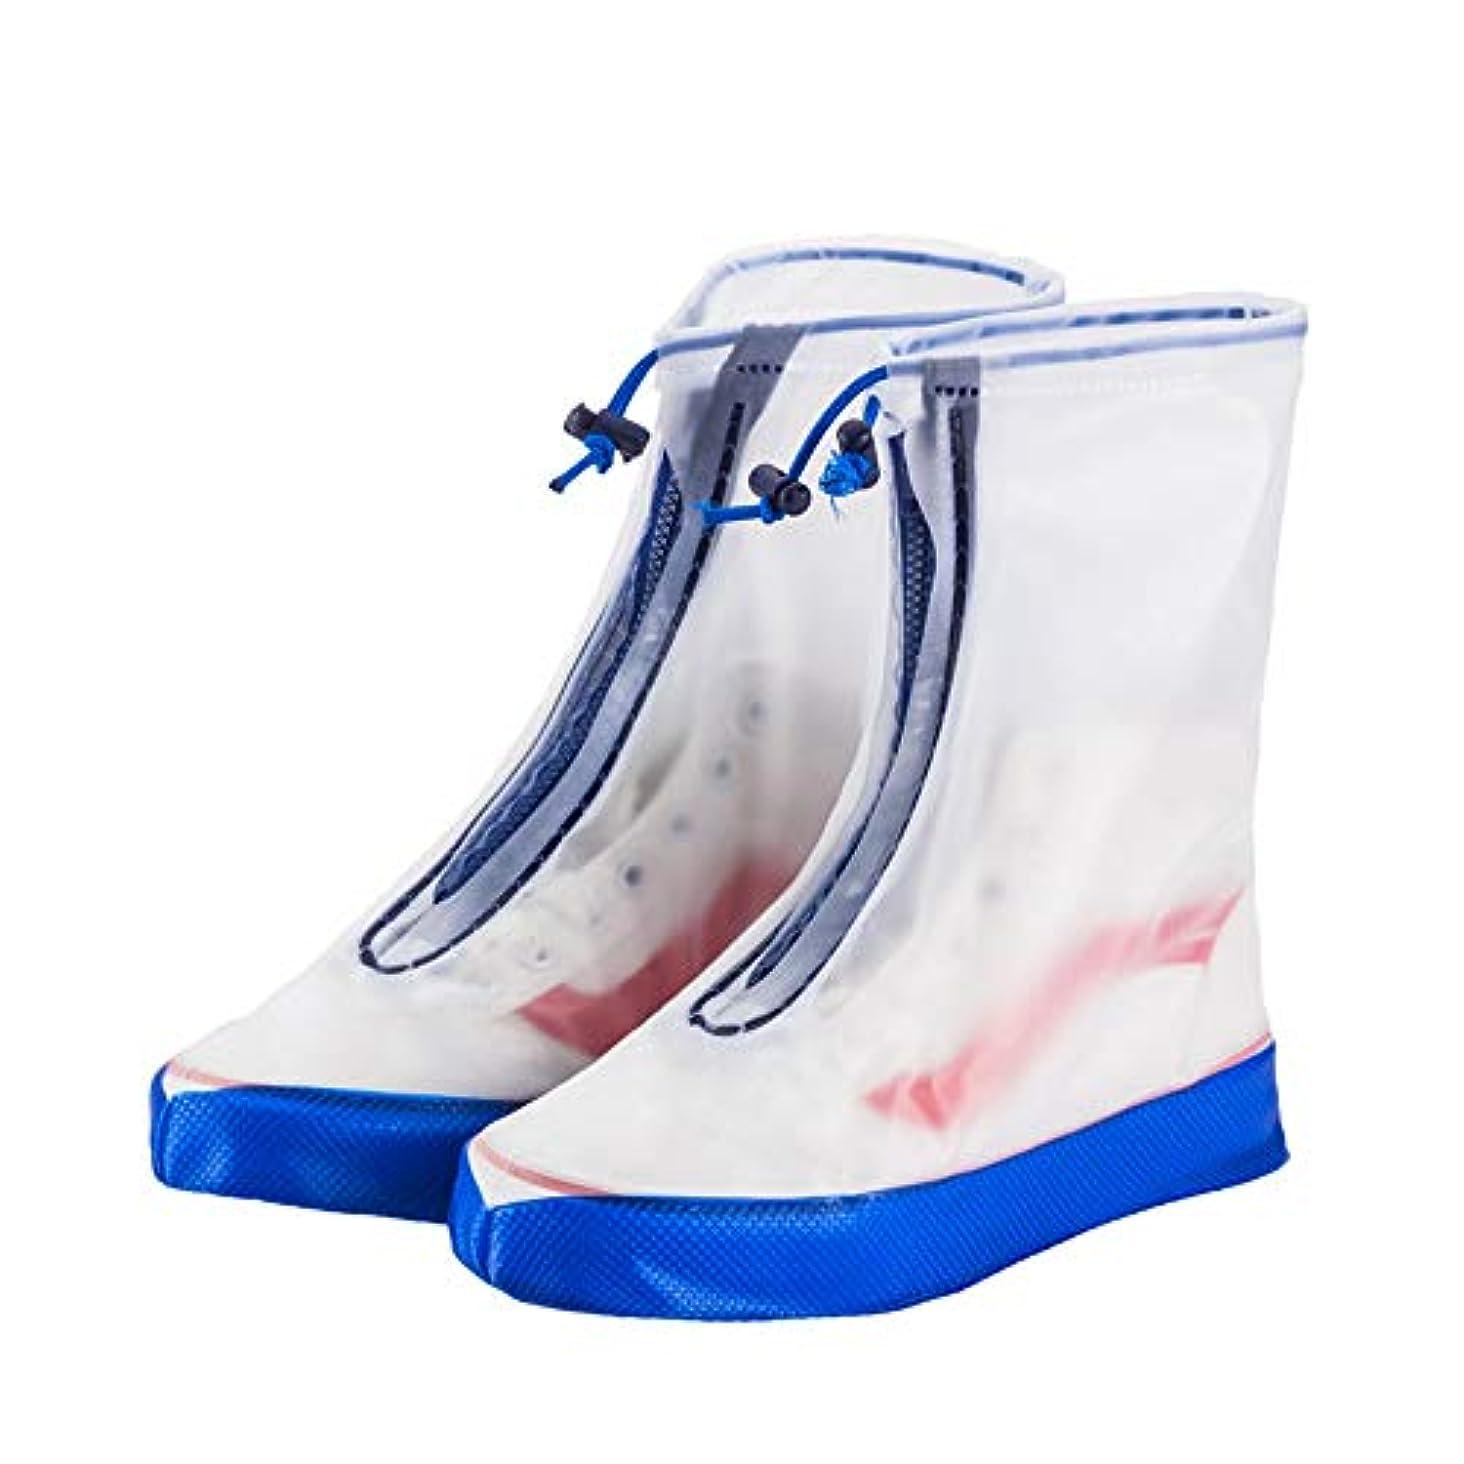 パンフレット二層予防接種する防水オーバーシューズ レインシューズのカバー足のガーターバイクの靴カバー、防水レインブーツの靴カバー女性男性子供アンチスリップ再利用可能な洗えるレイン雪のブーツカバー防水オーバーシューズ (色 : Blue-children, サイズ : Small)